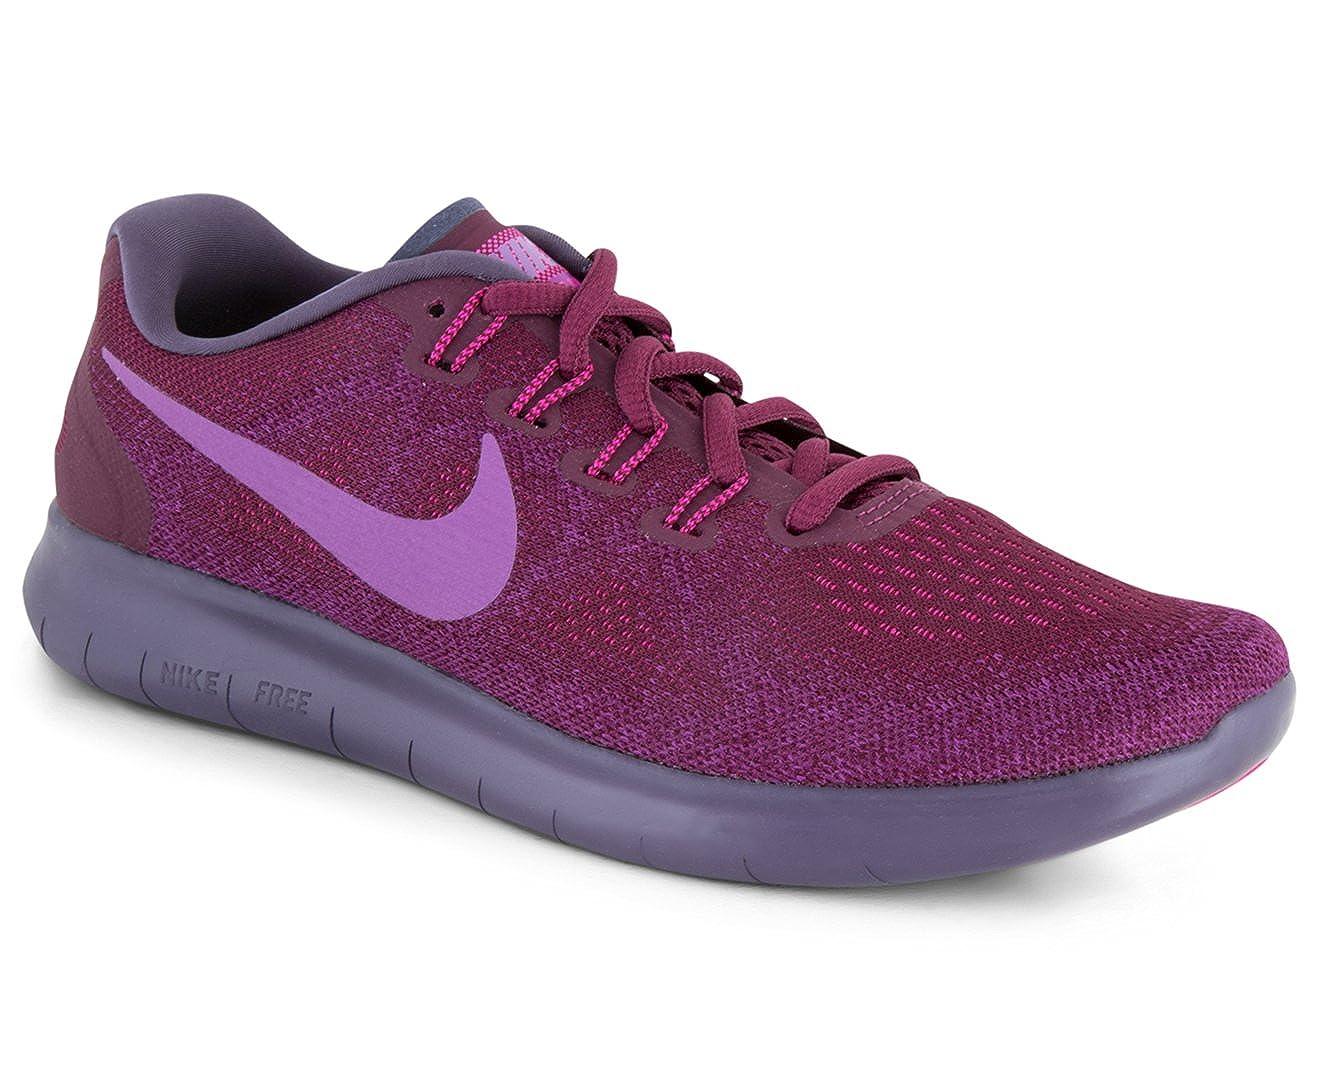 hommes / nike femmes est nike / grabuge mi -   patiner chaussures de haute qualité et bon marché d'exportation élégante et charmante 06d62d